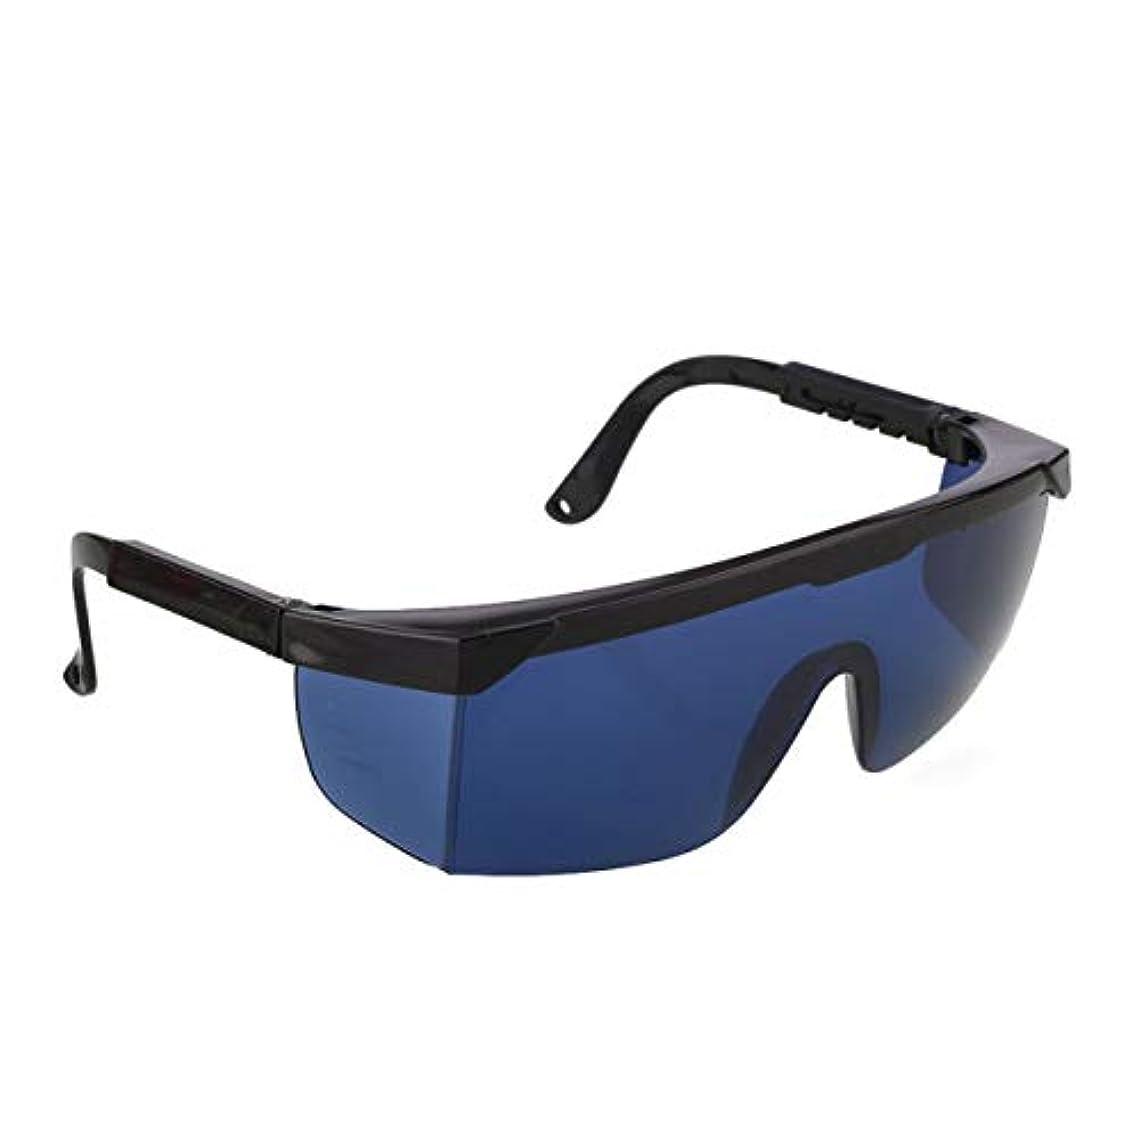 首謀者利得ラフトSaikogoods 除毛クリーム ポイント脱毛保護メガネユニバーサルゴーグル眼鏡を凍結IPL/E-光OPTのためのレーザー保護メガネ 青